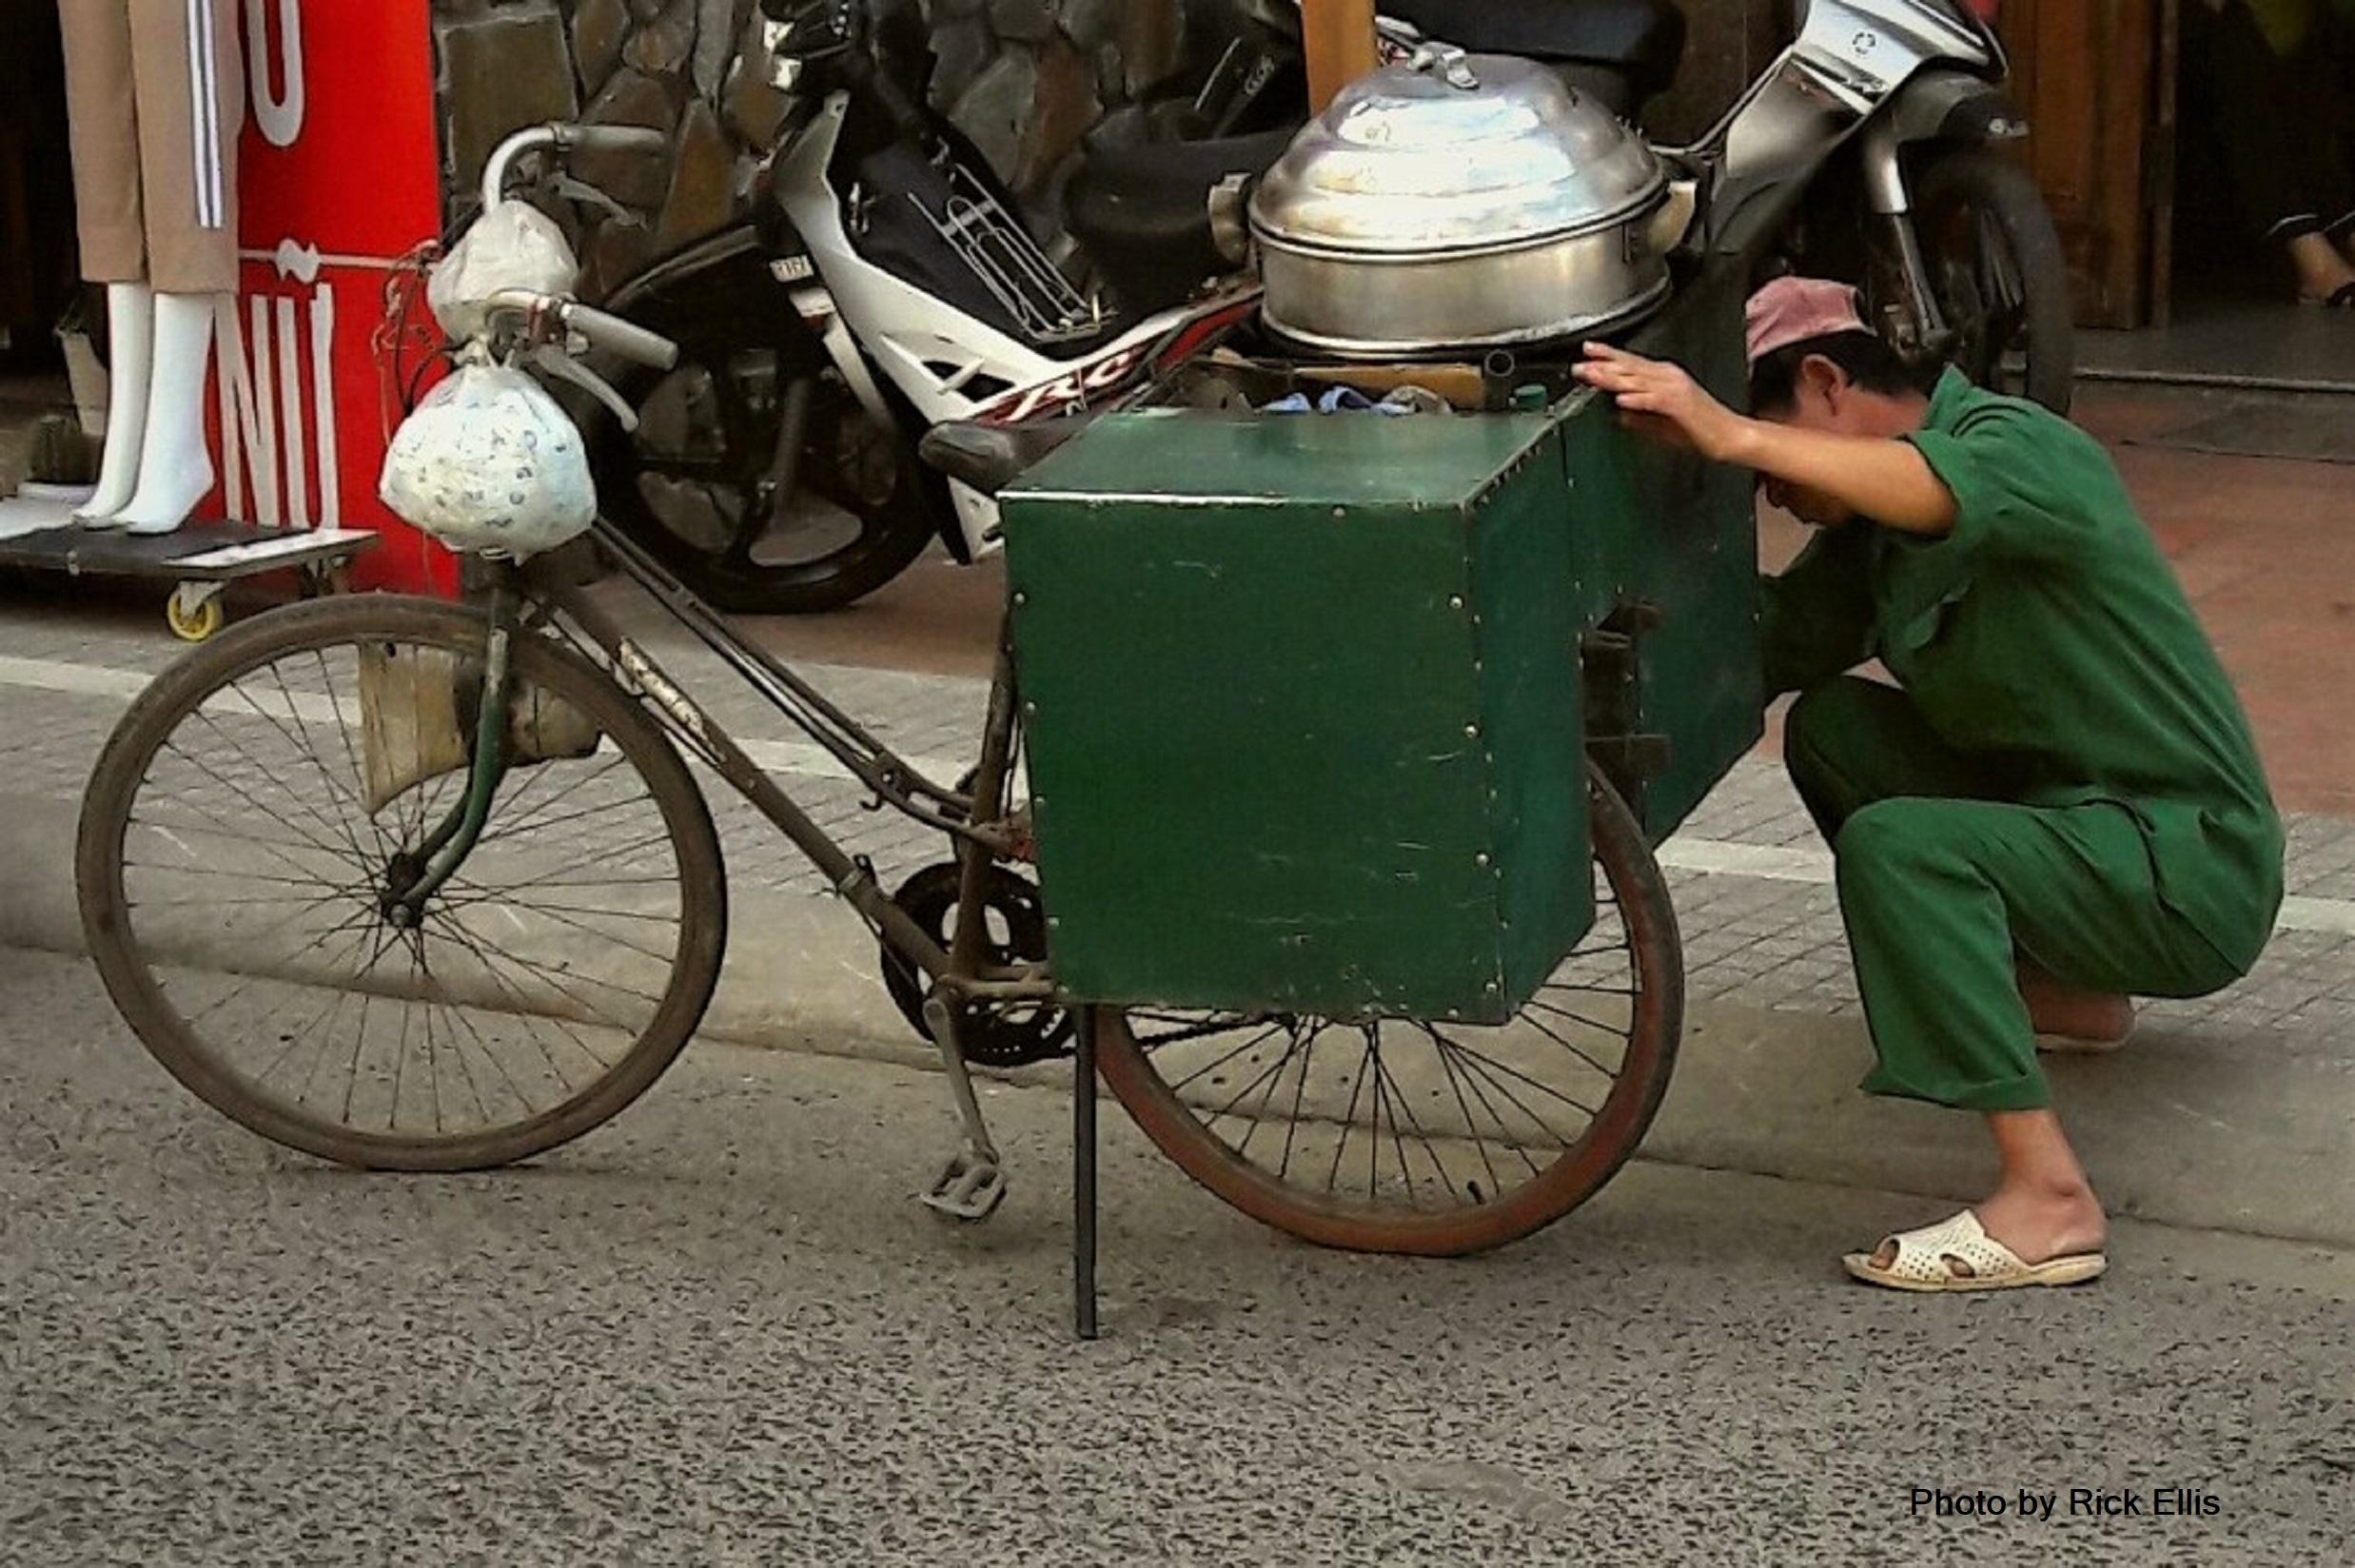 Bánh bao man tuning up his rig